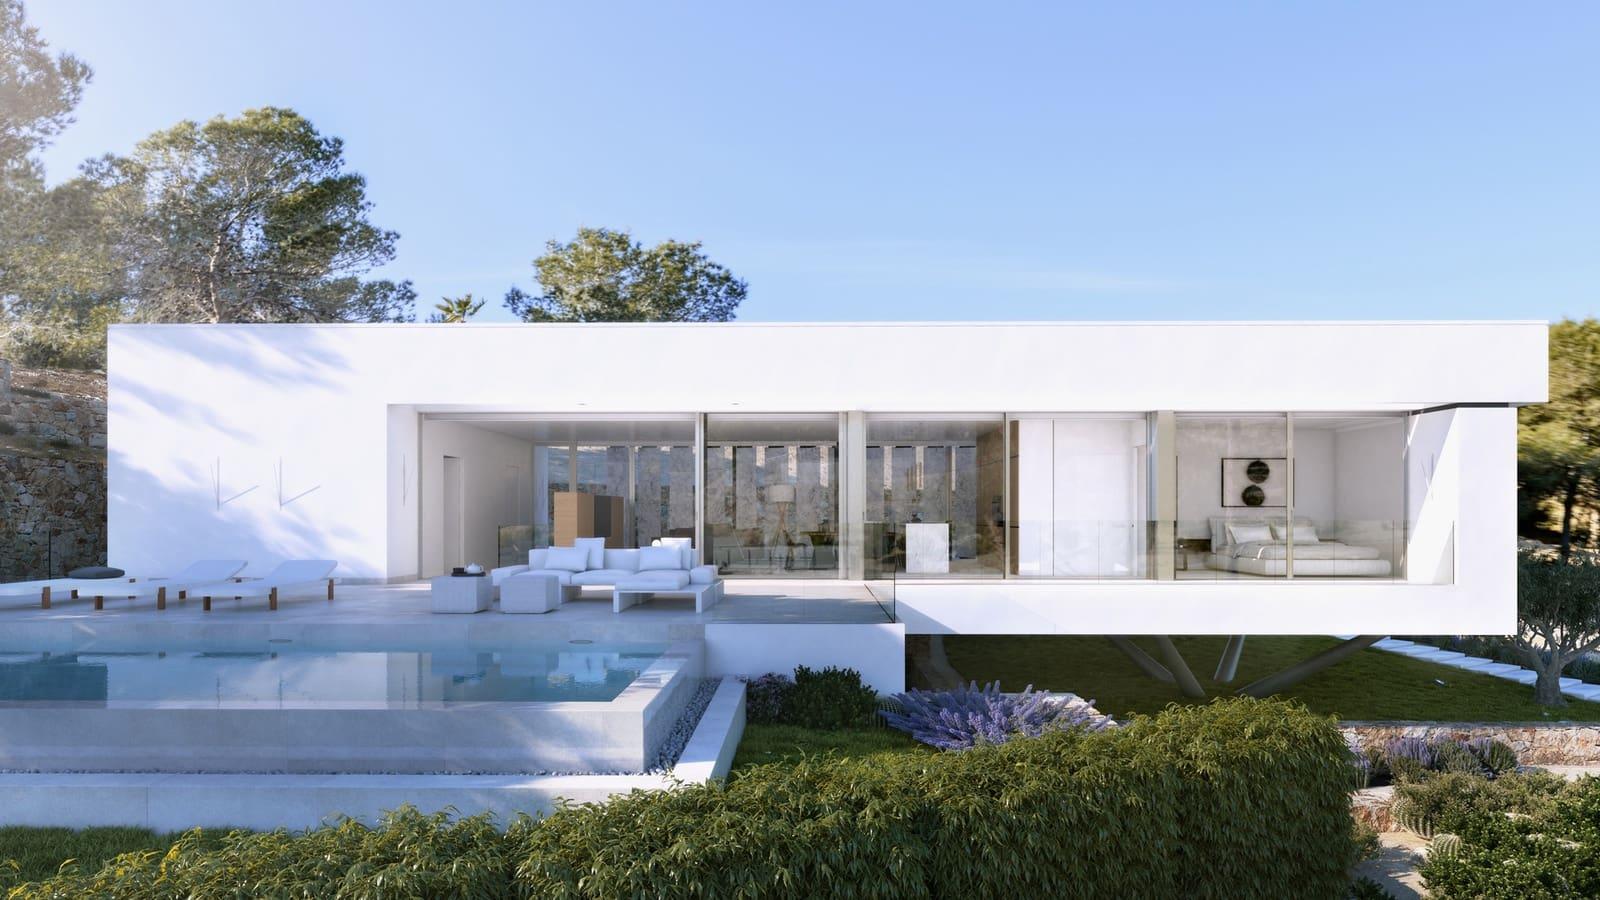 Chalet de 3 habitaciones en Las Colinas Golf en venta con piscina garaje - 1.050.000 € (Ref: 4725460)